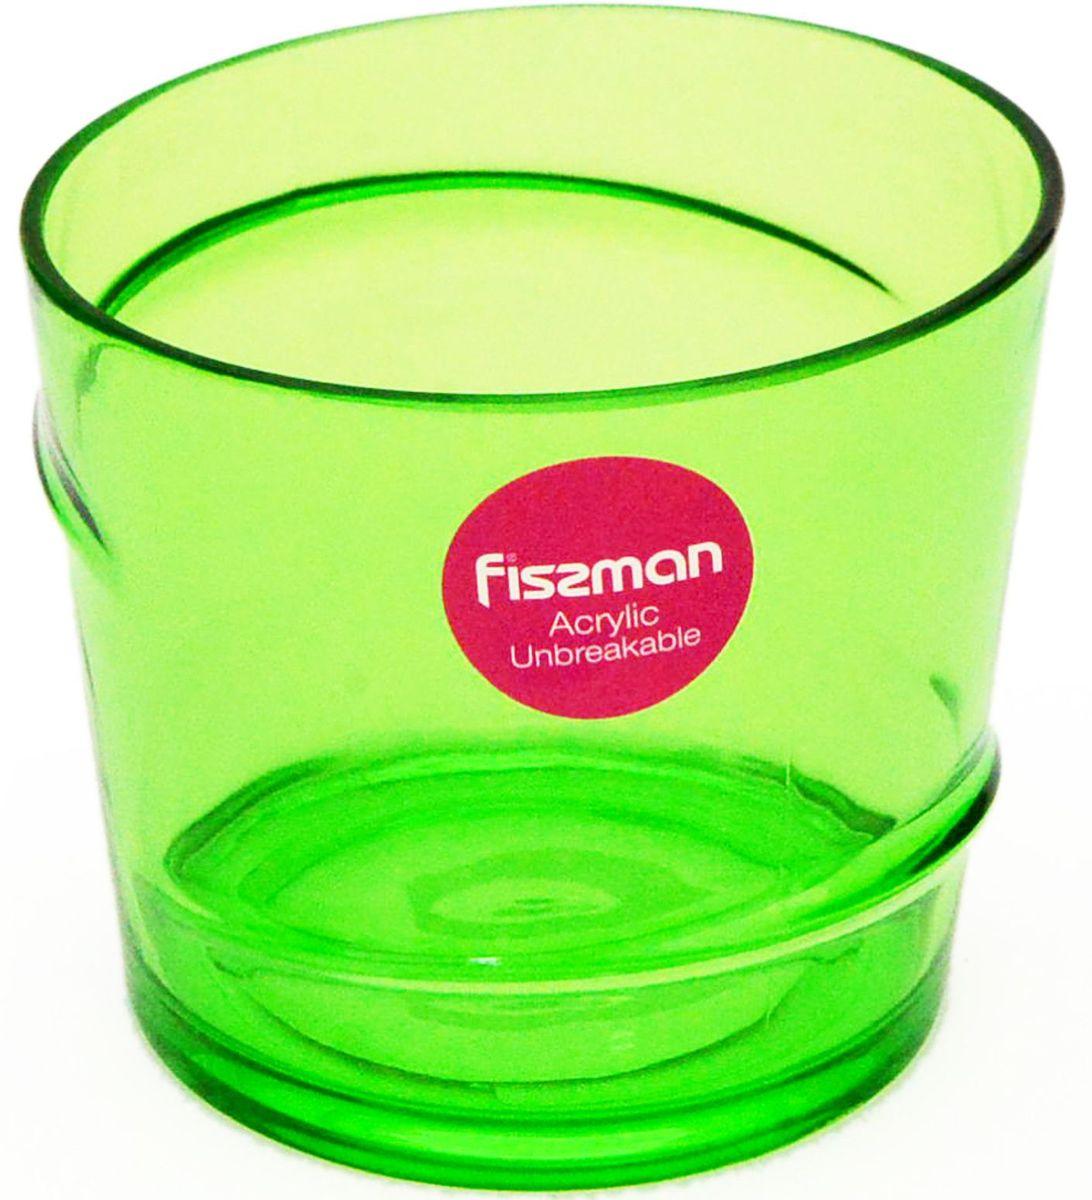 Стакан Fissman, 275 мл. 9427AY-9427.275Стакан Fissman изготовлен из акрила. Такойстакан прекрасно подойдетдля различных напитков. Он дополнит коллекцию вашей кухонной посуды и будетслужить долгие годы. Объем: 275 мл.